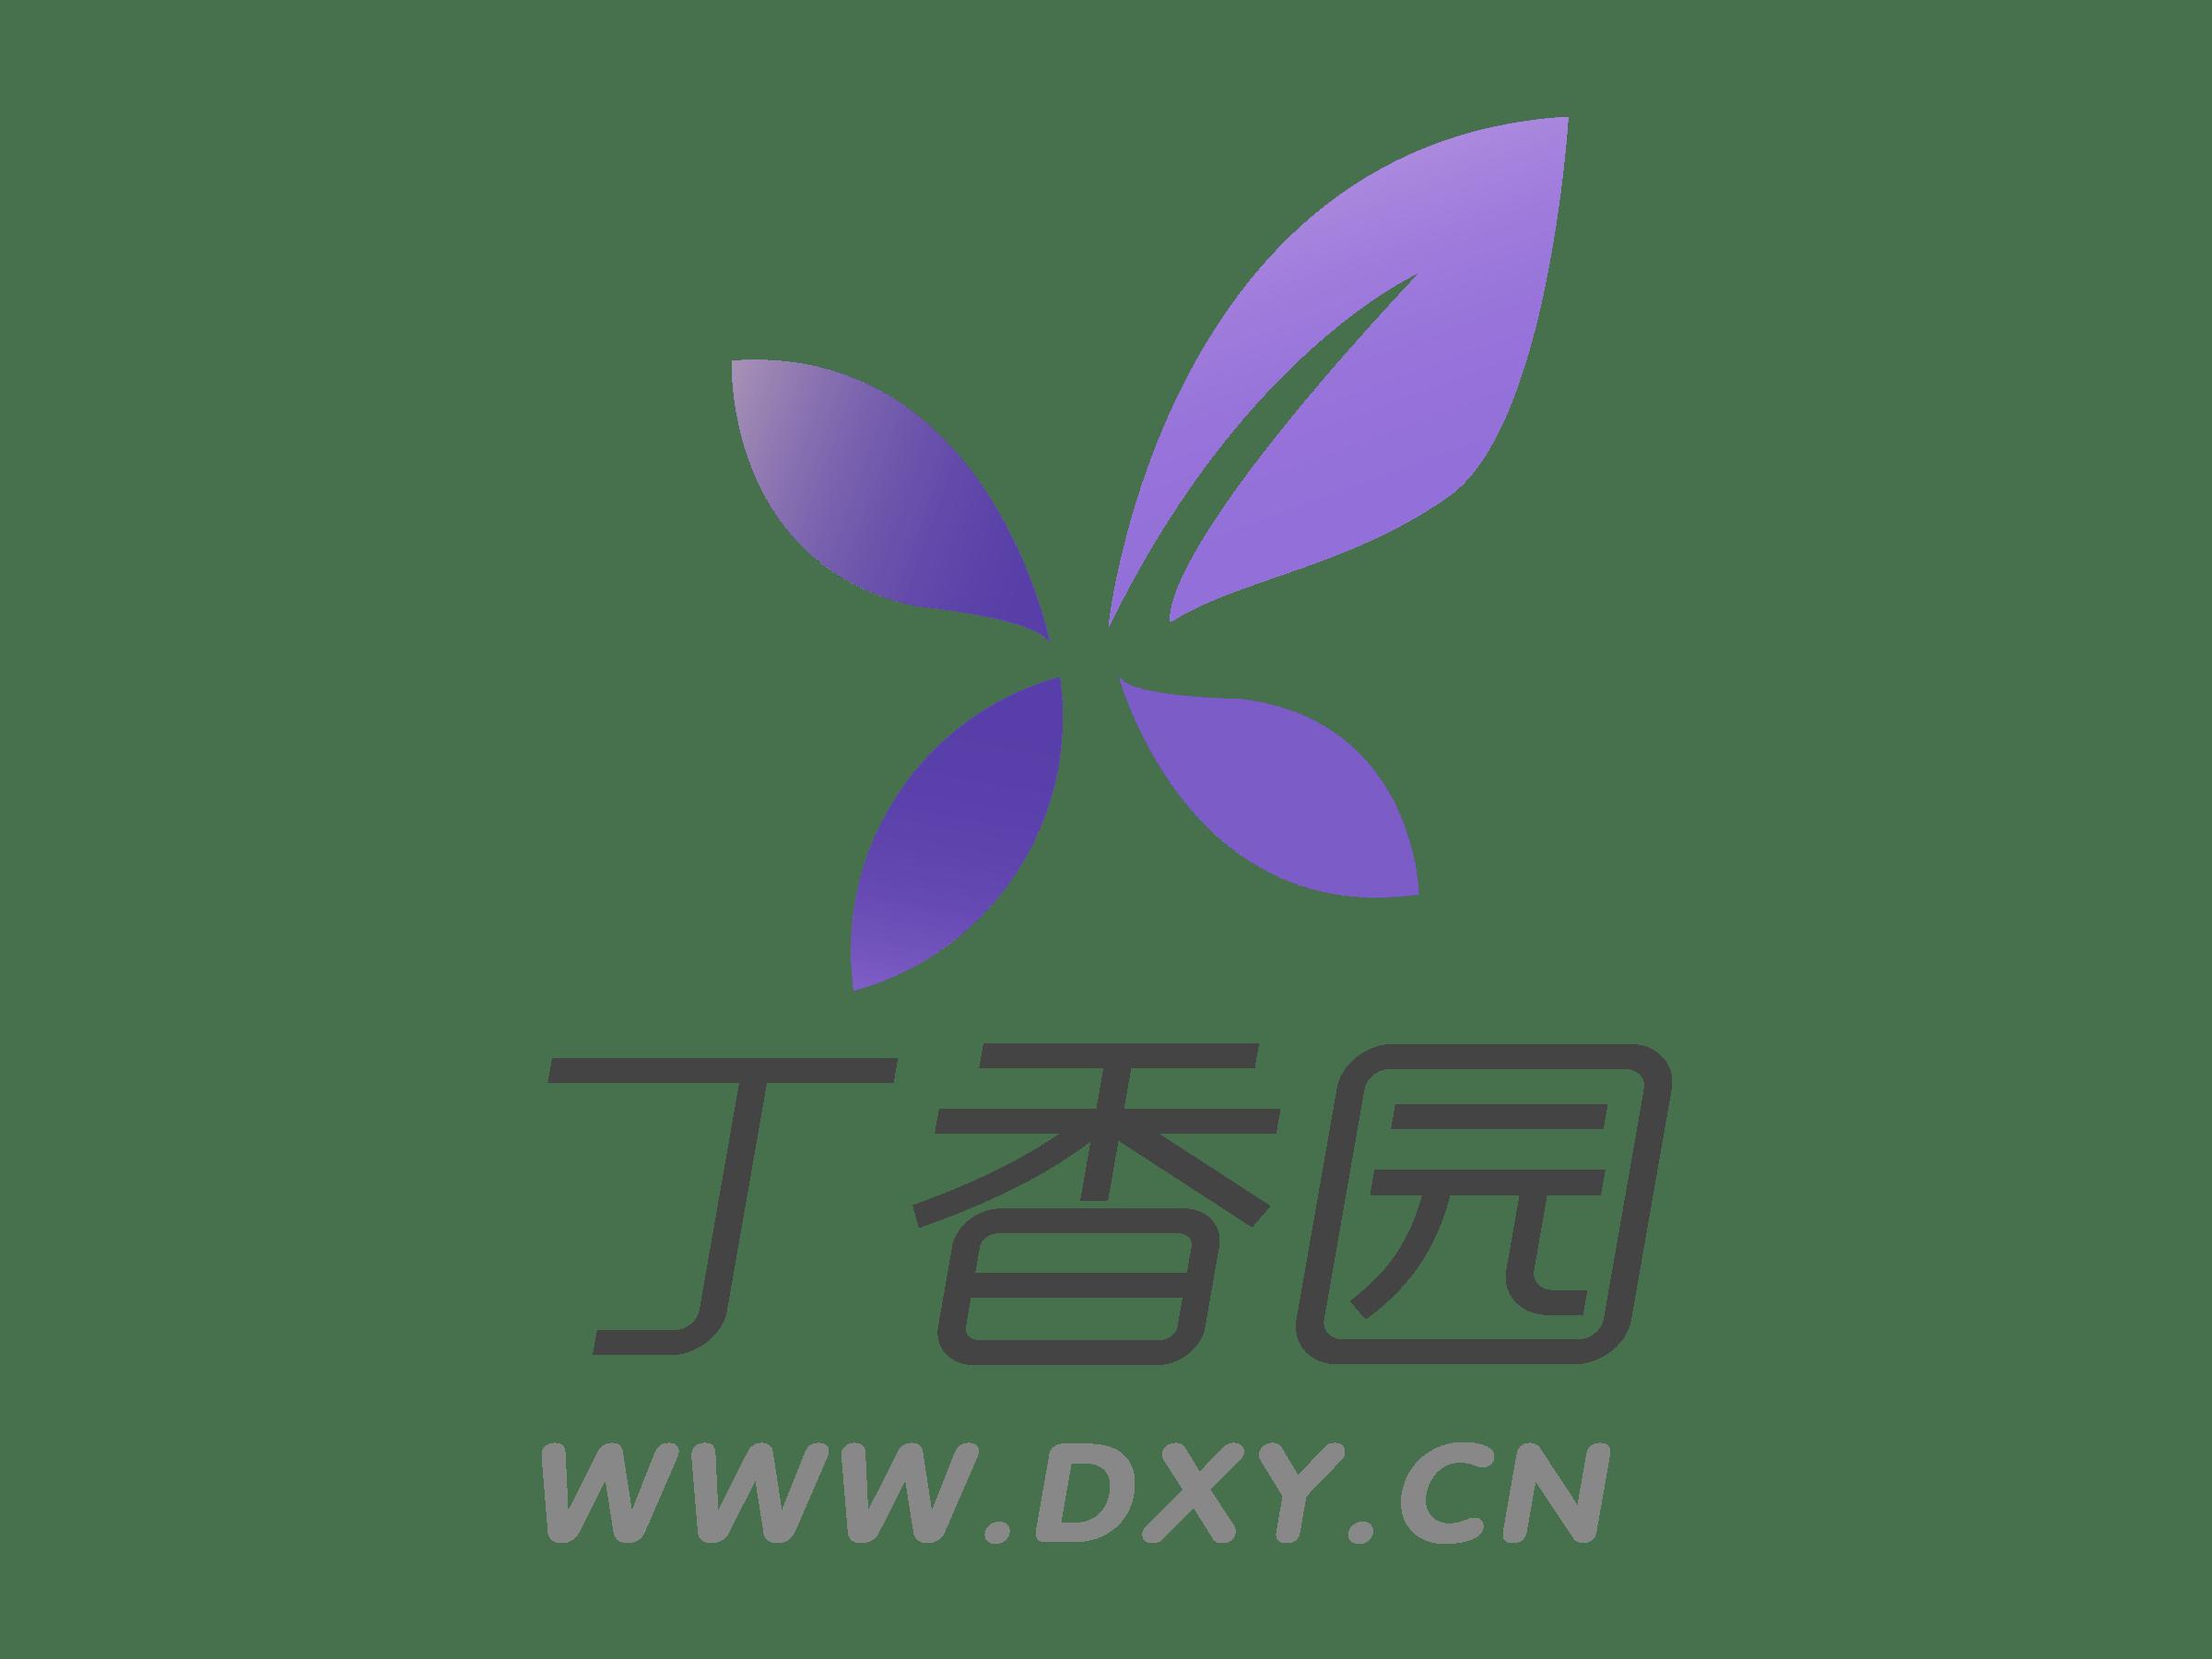 Dxy.cn company logo